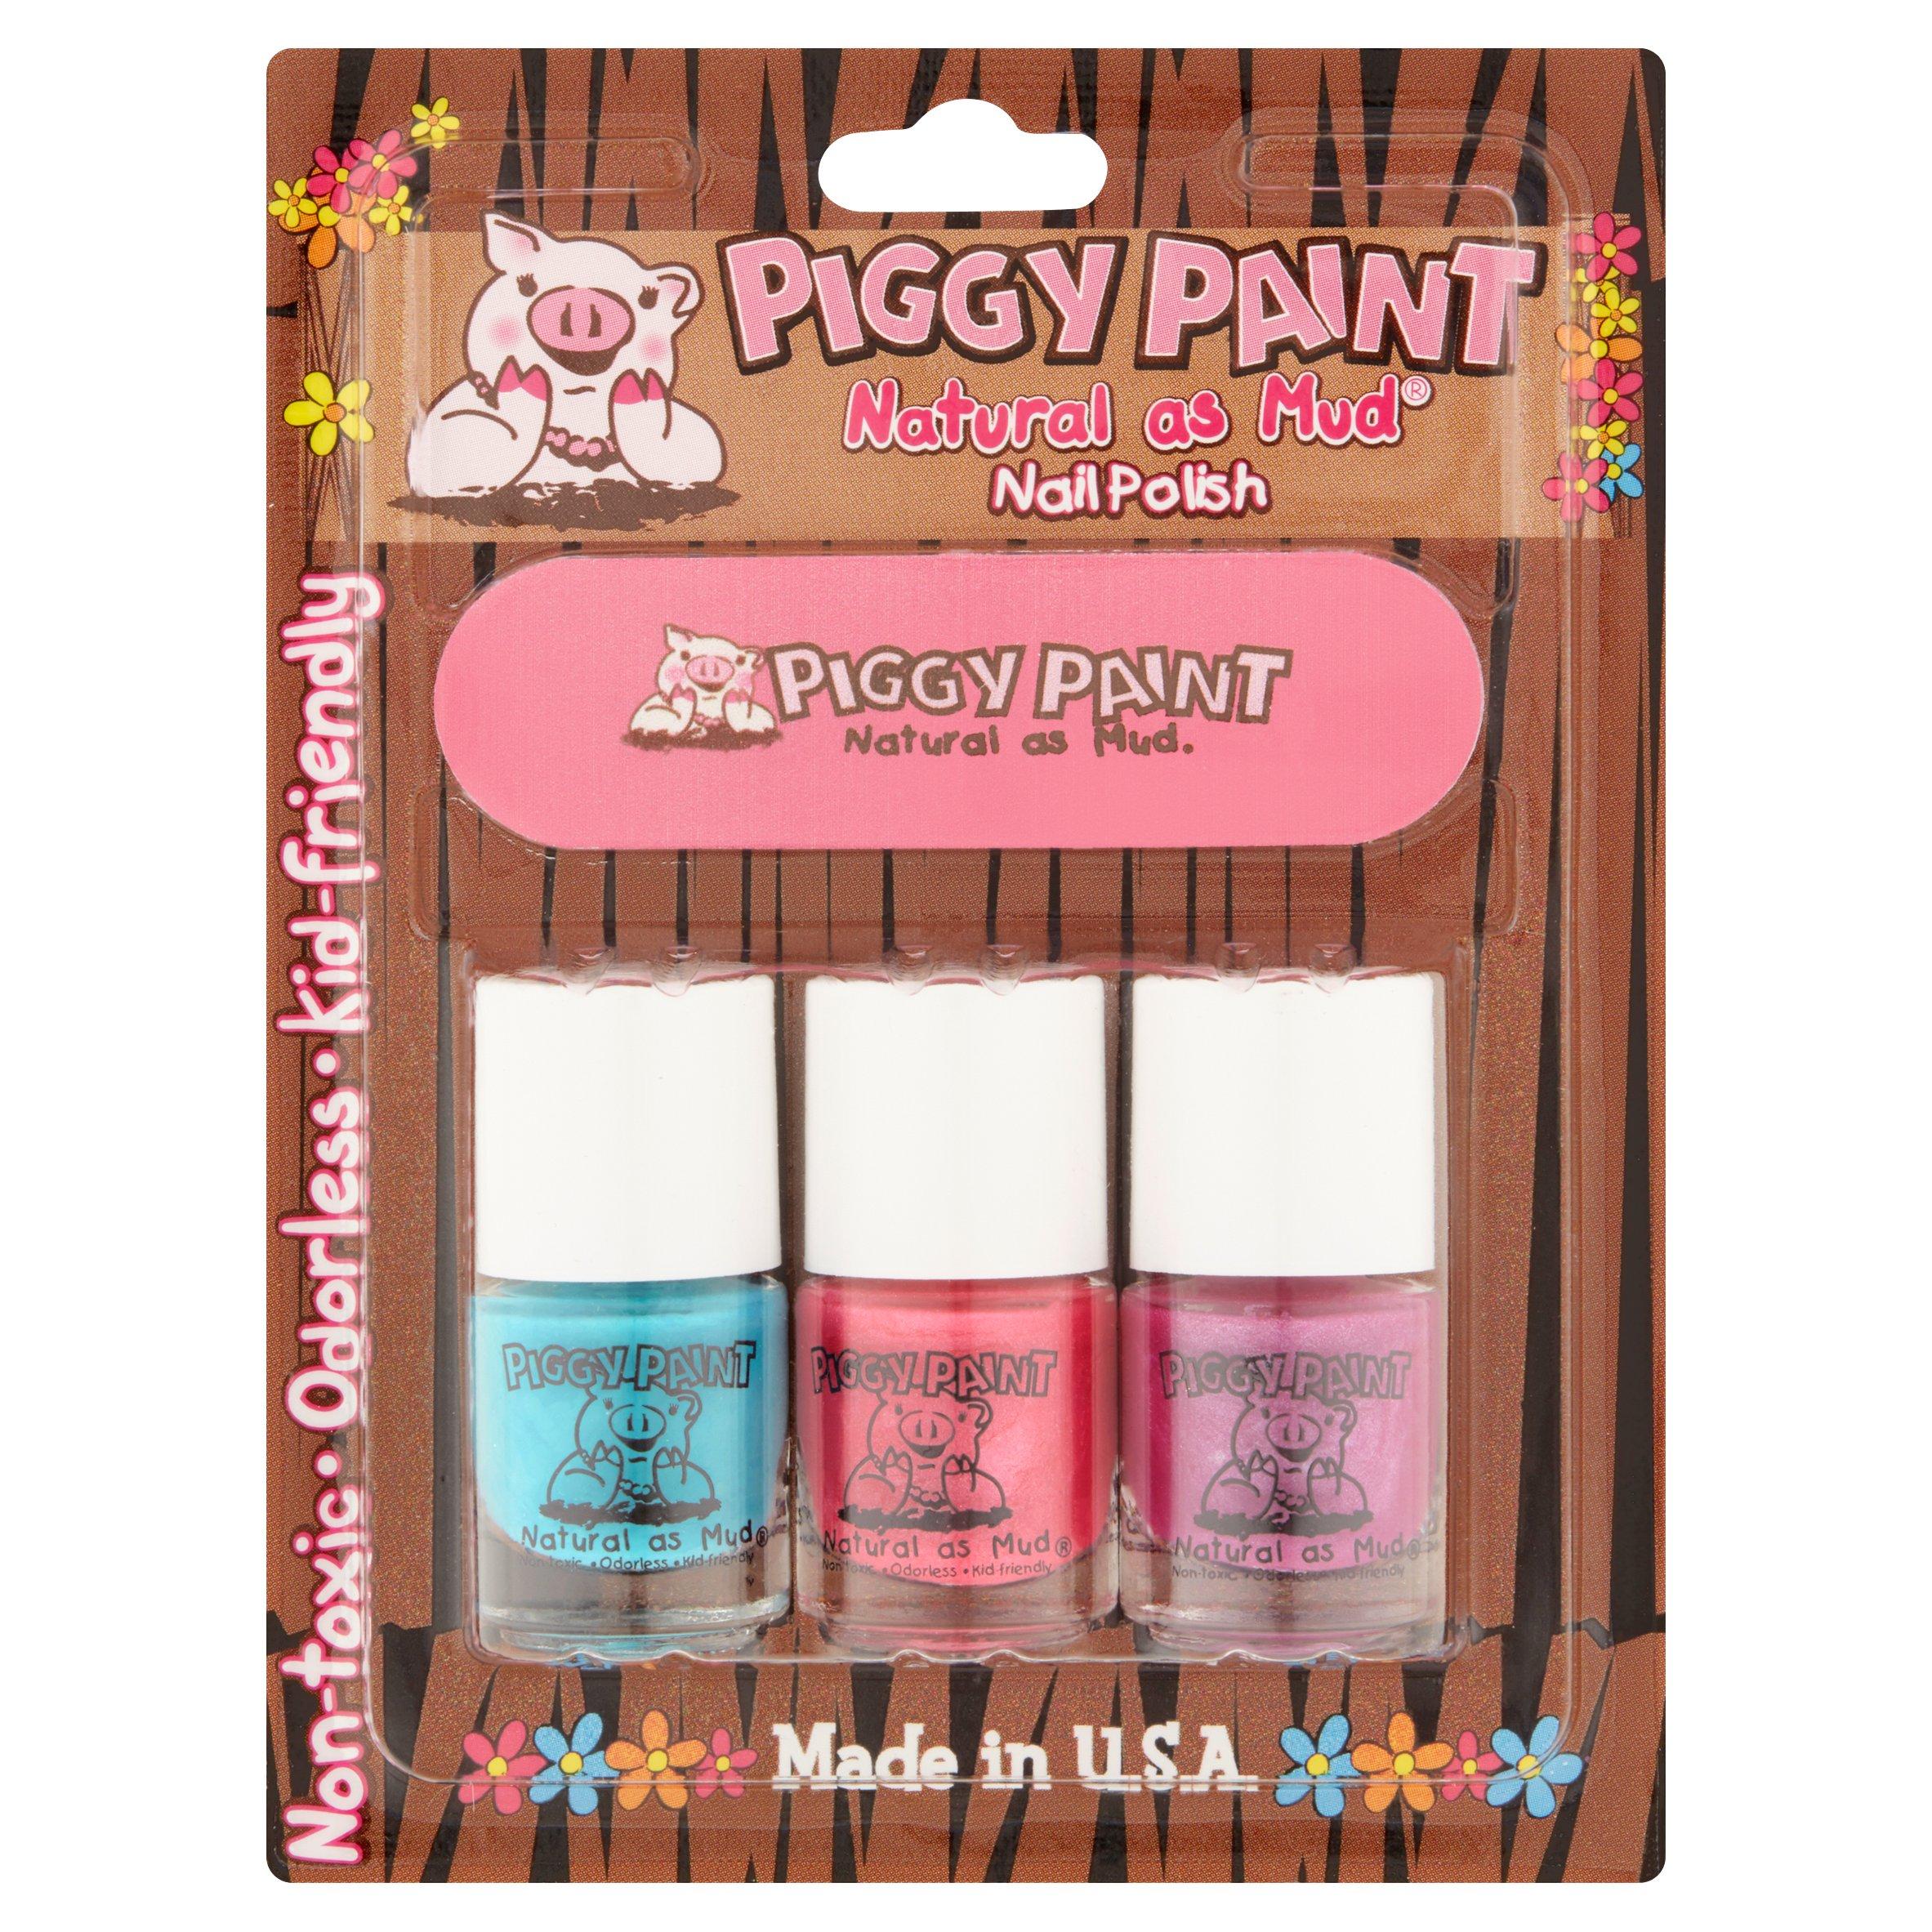 Piggy Paint Natural as Mud Nail Polish